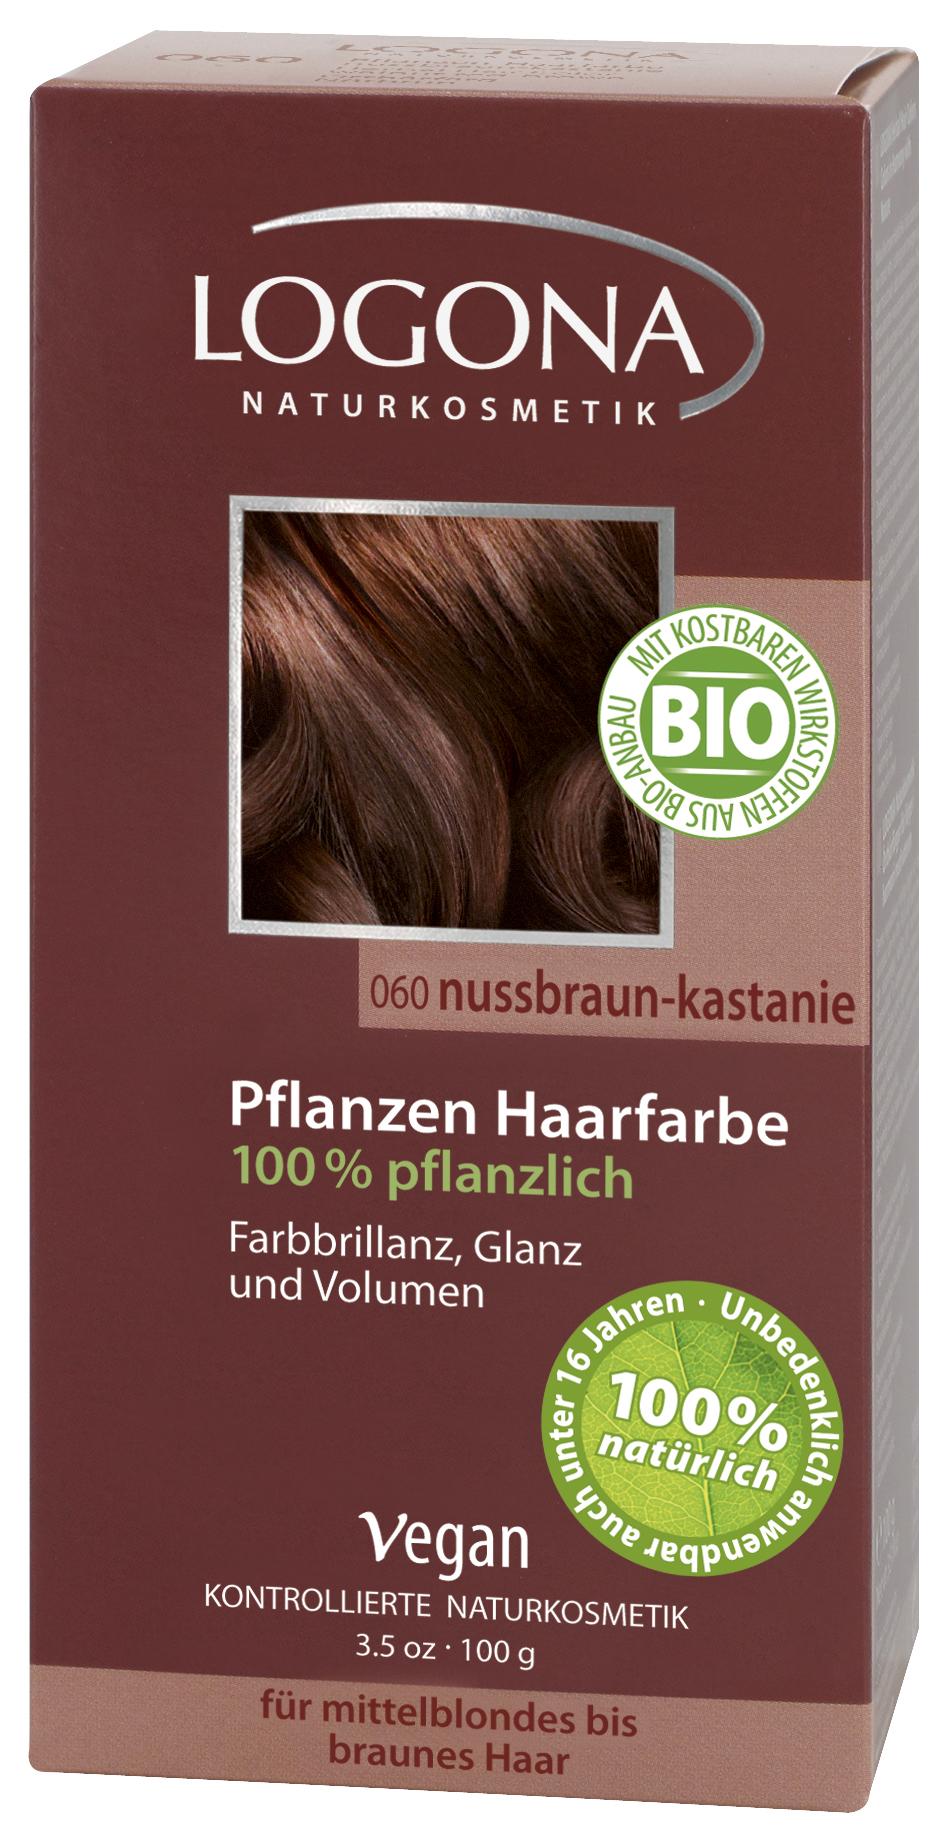 Logona растительная краска для волос 060 «Орех красно-коричневый» 100 гр01105Оттенок «Орех красно-коричневый» подходит для русых и каштановых волос. Растительные краски для волос Logona действуют бережно и дают длительный эффект. Состав из хны и других красящих растений, а также веществ растительного происхождения для ухода за волосами естественным образом укрепляют волосы и придают им больше объема и яркости.